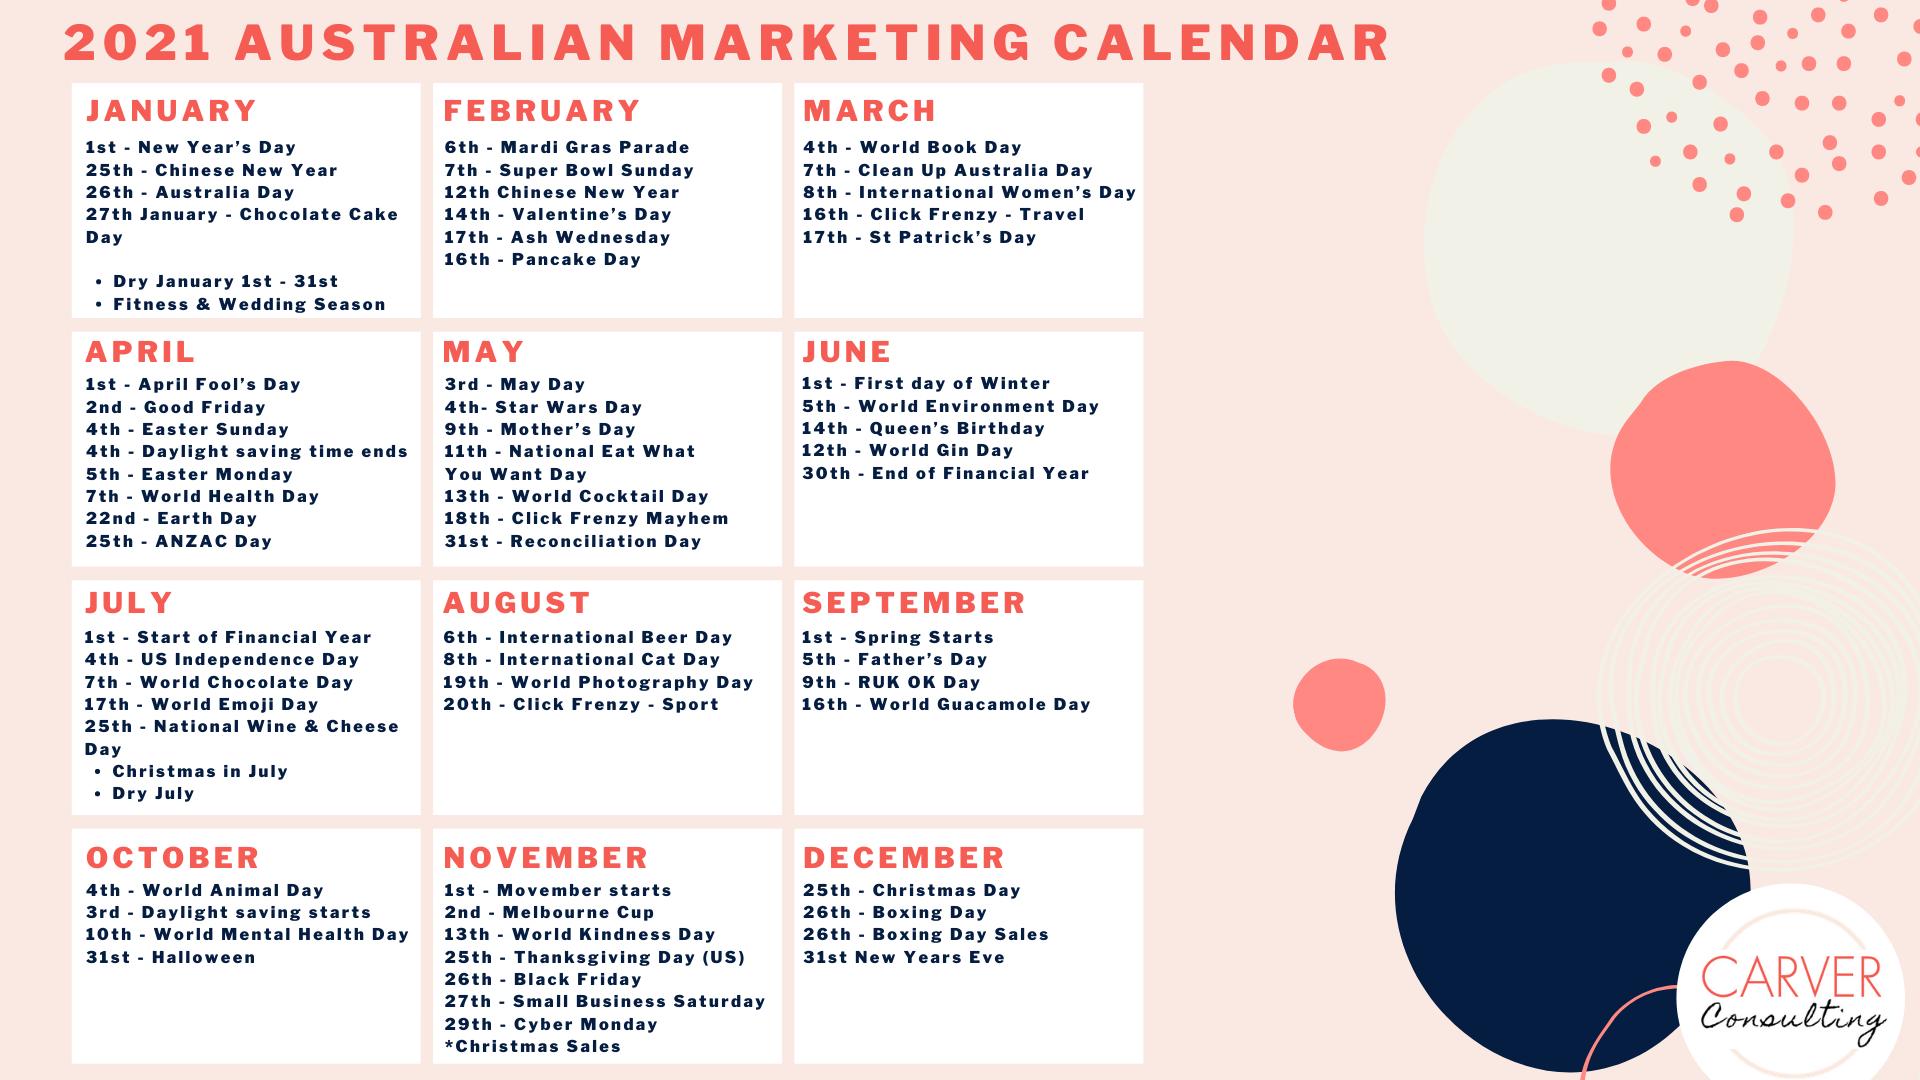 Carver+Consulting+2021+Calendar